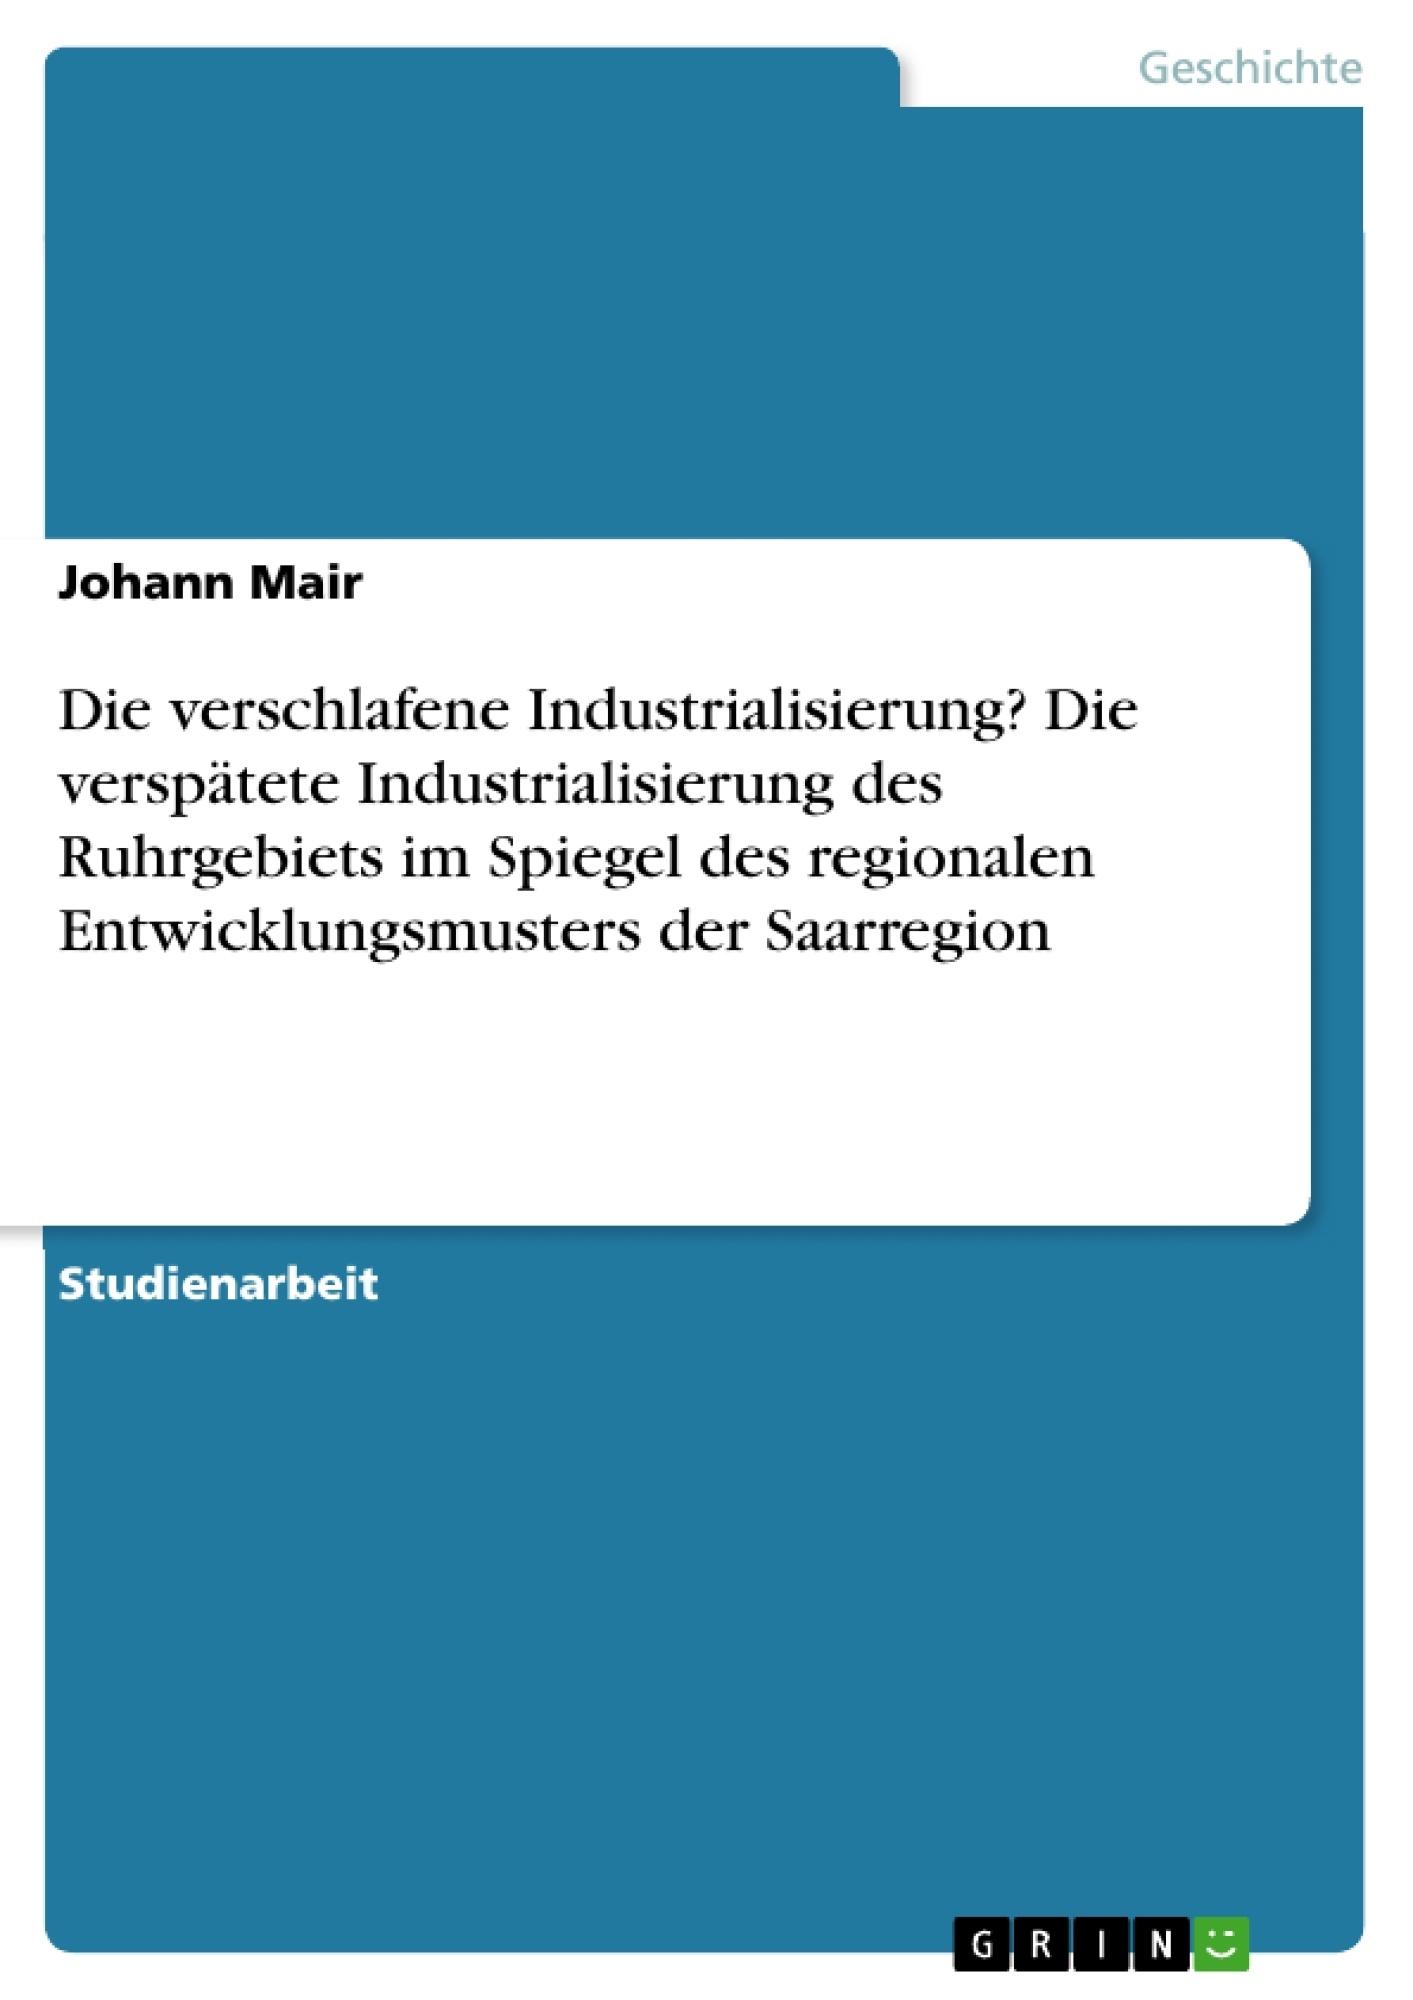 Titel: Die verschlafene Industrialisierung? Die verspätete Industrialisierung des Ruhrgebiets im Spiegel des regionalen Entwicklungsmusters der Saarregion